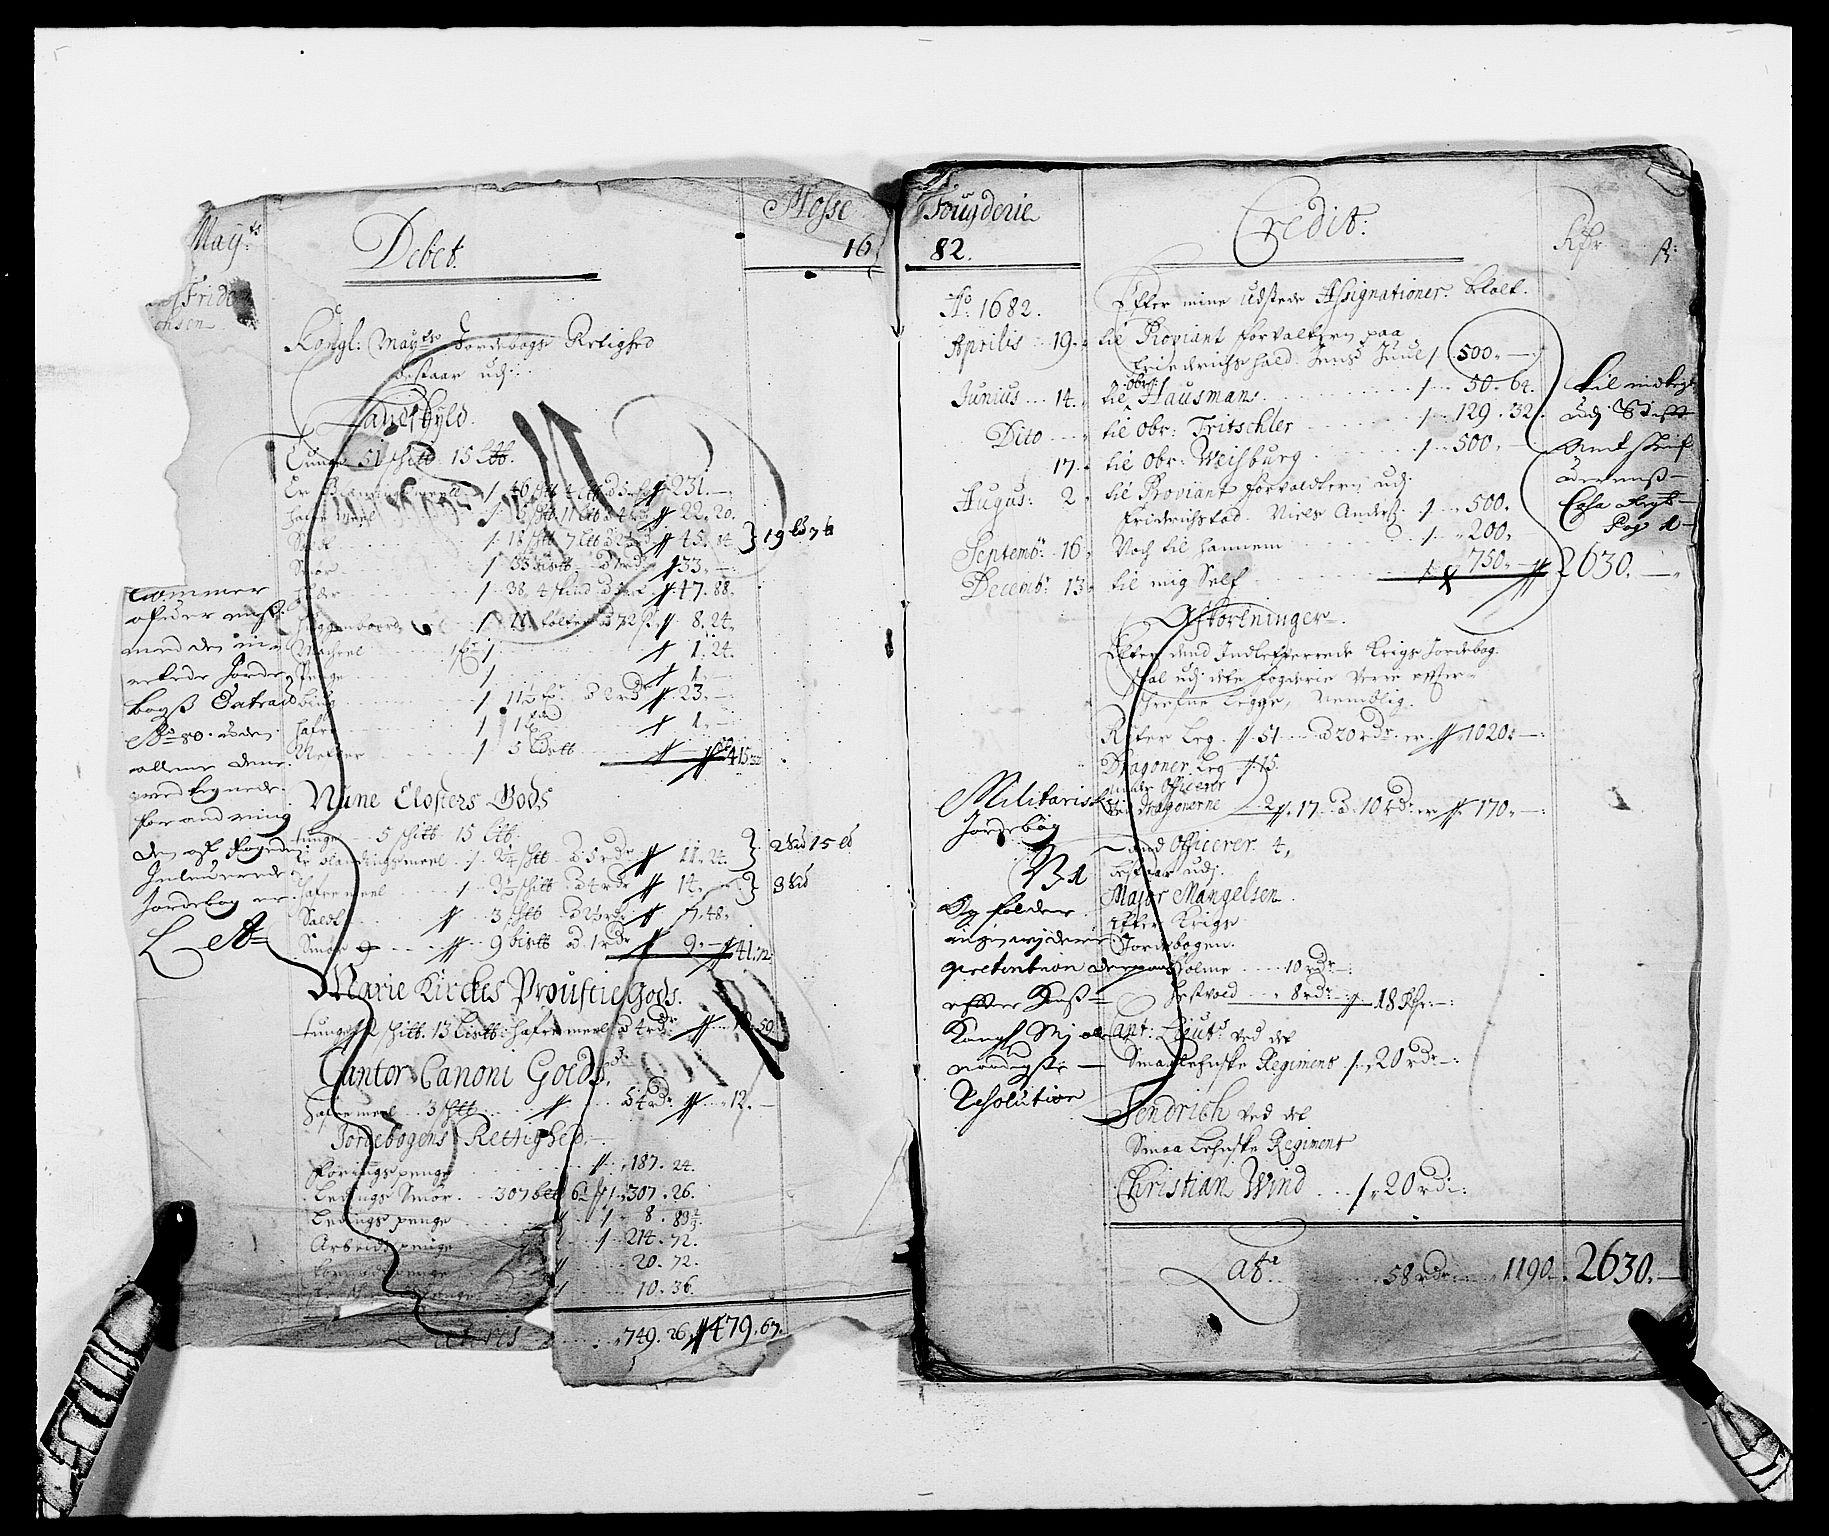 RA, Rentekammeret inntil 1814, Reviderte regnskaper, Fogderegnskap, R02/L0104: Fogderegnskap Moss og Verne kloster, 1682-1684, s. 3